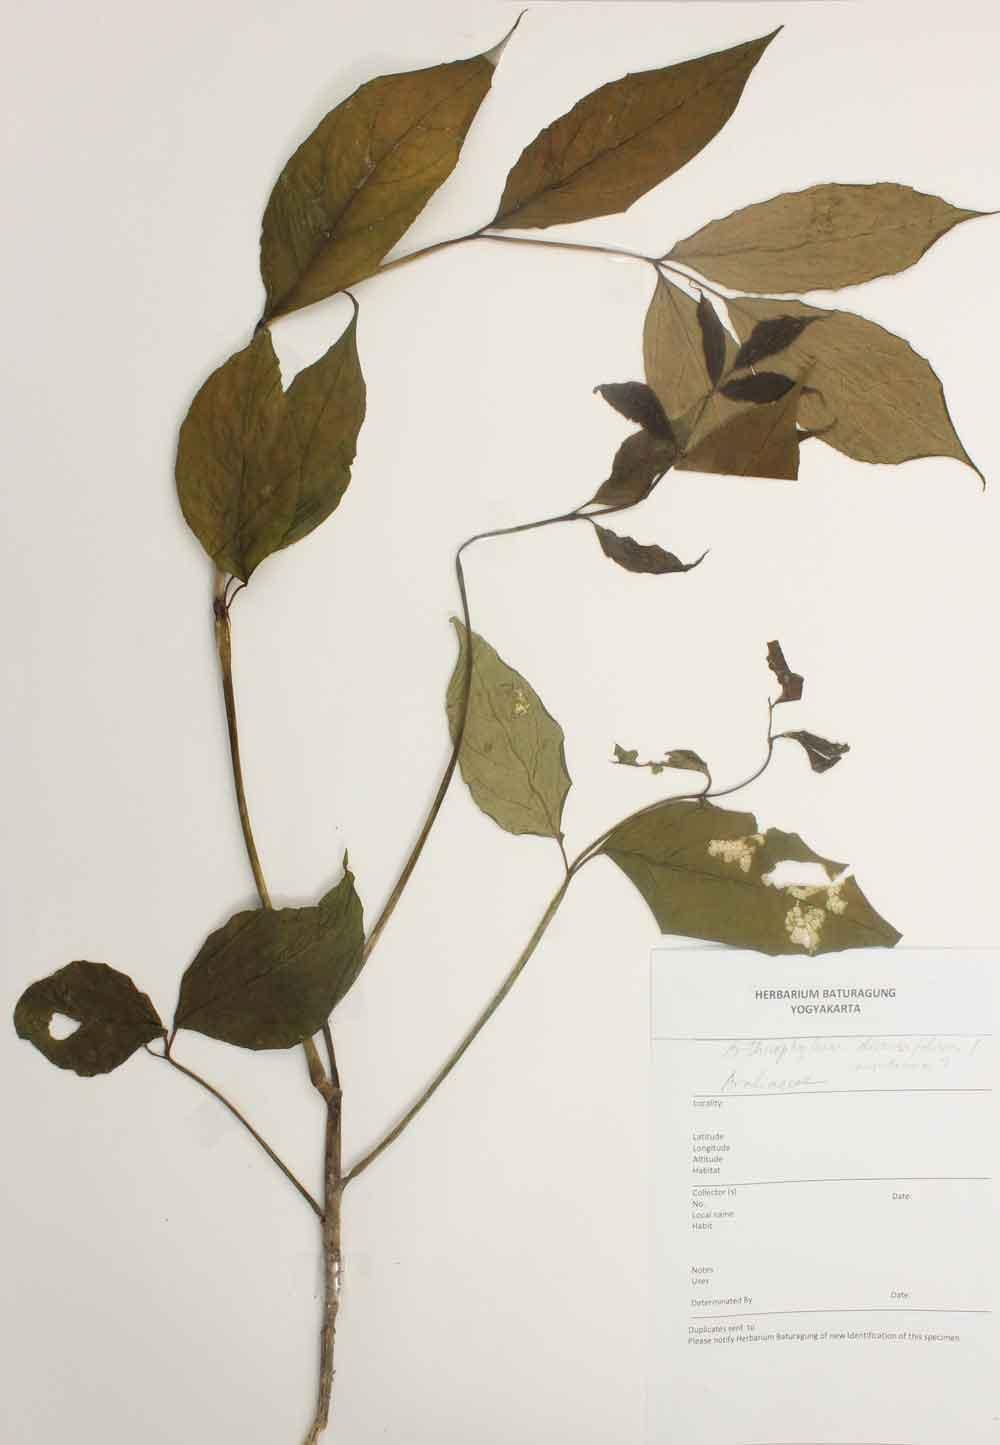 Herbarium Baturagung Yogyakarta cpIMG_0183